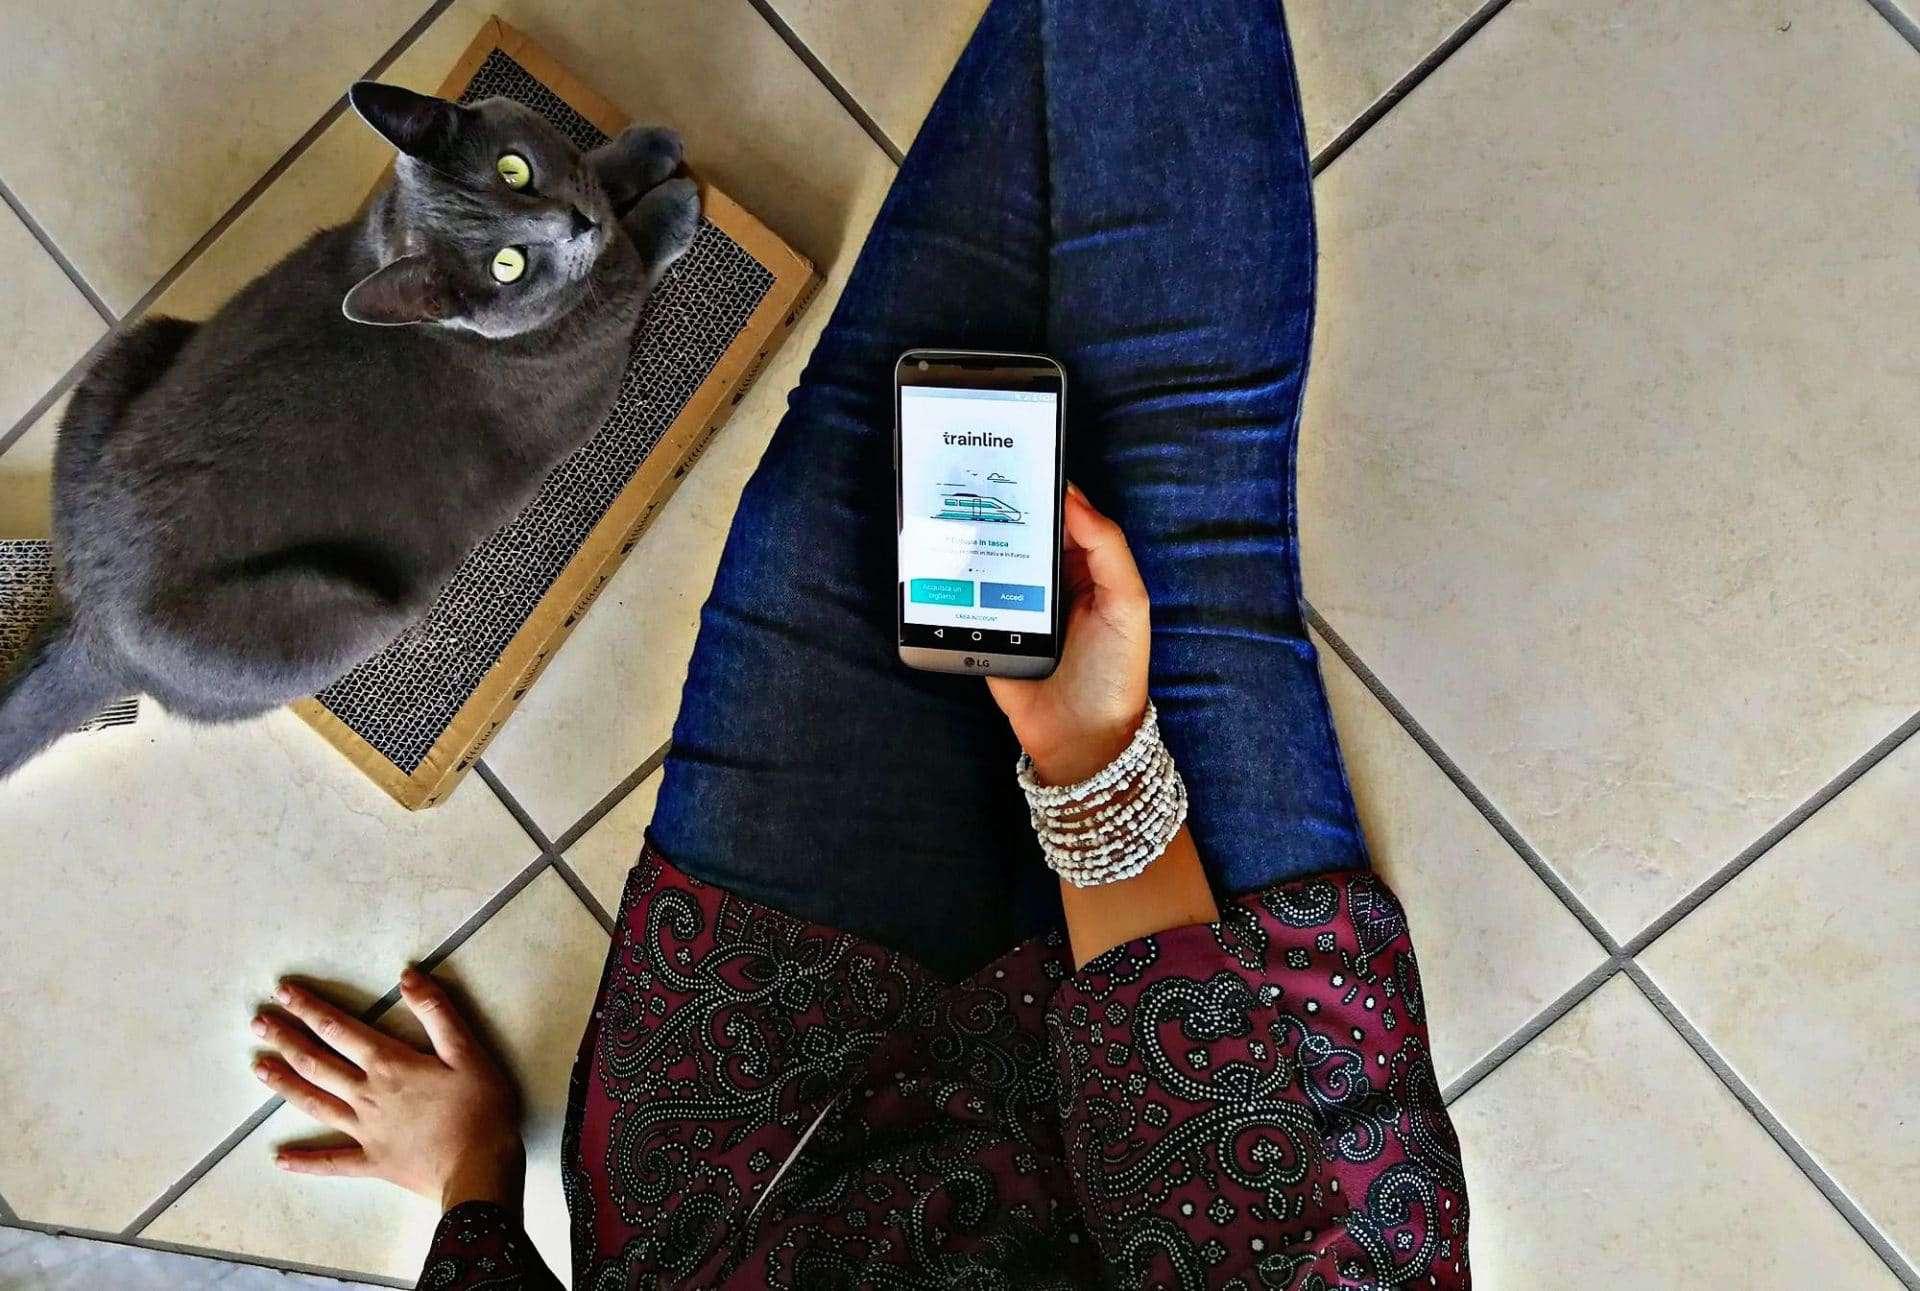 La mia esperienza con Trainline: l'app gratuita per prenotare i biglietti del treno